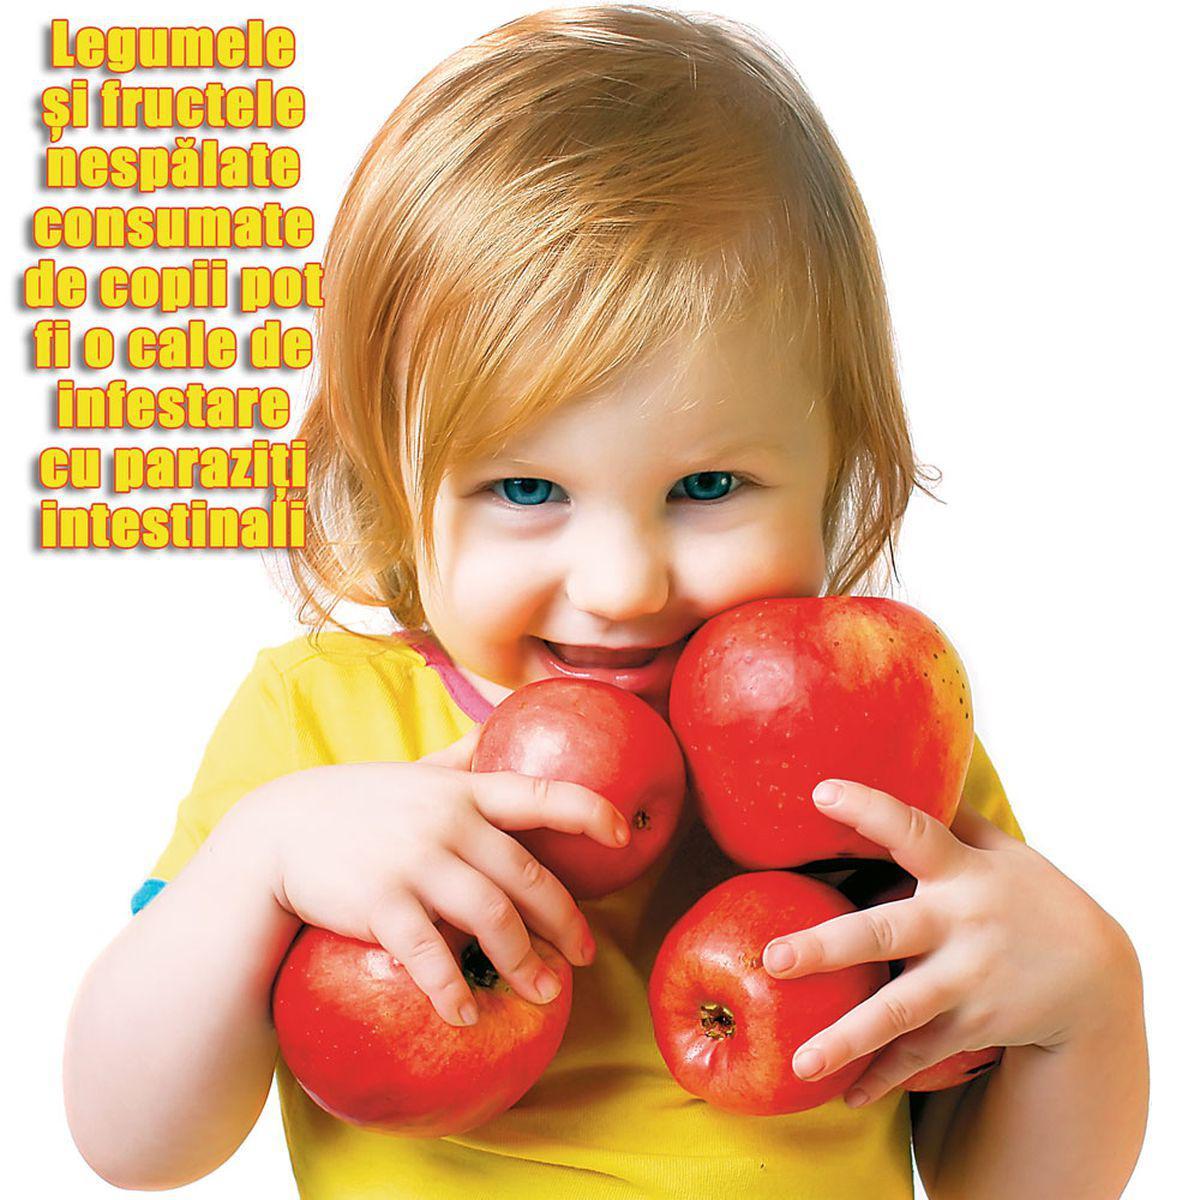 viermi în mărimea copiilor